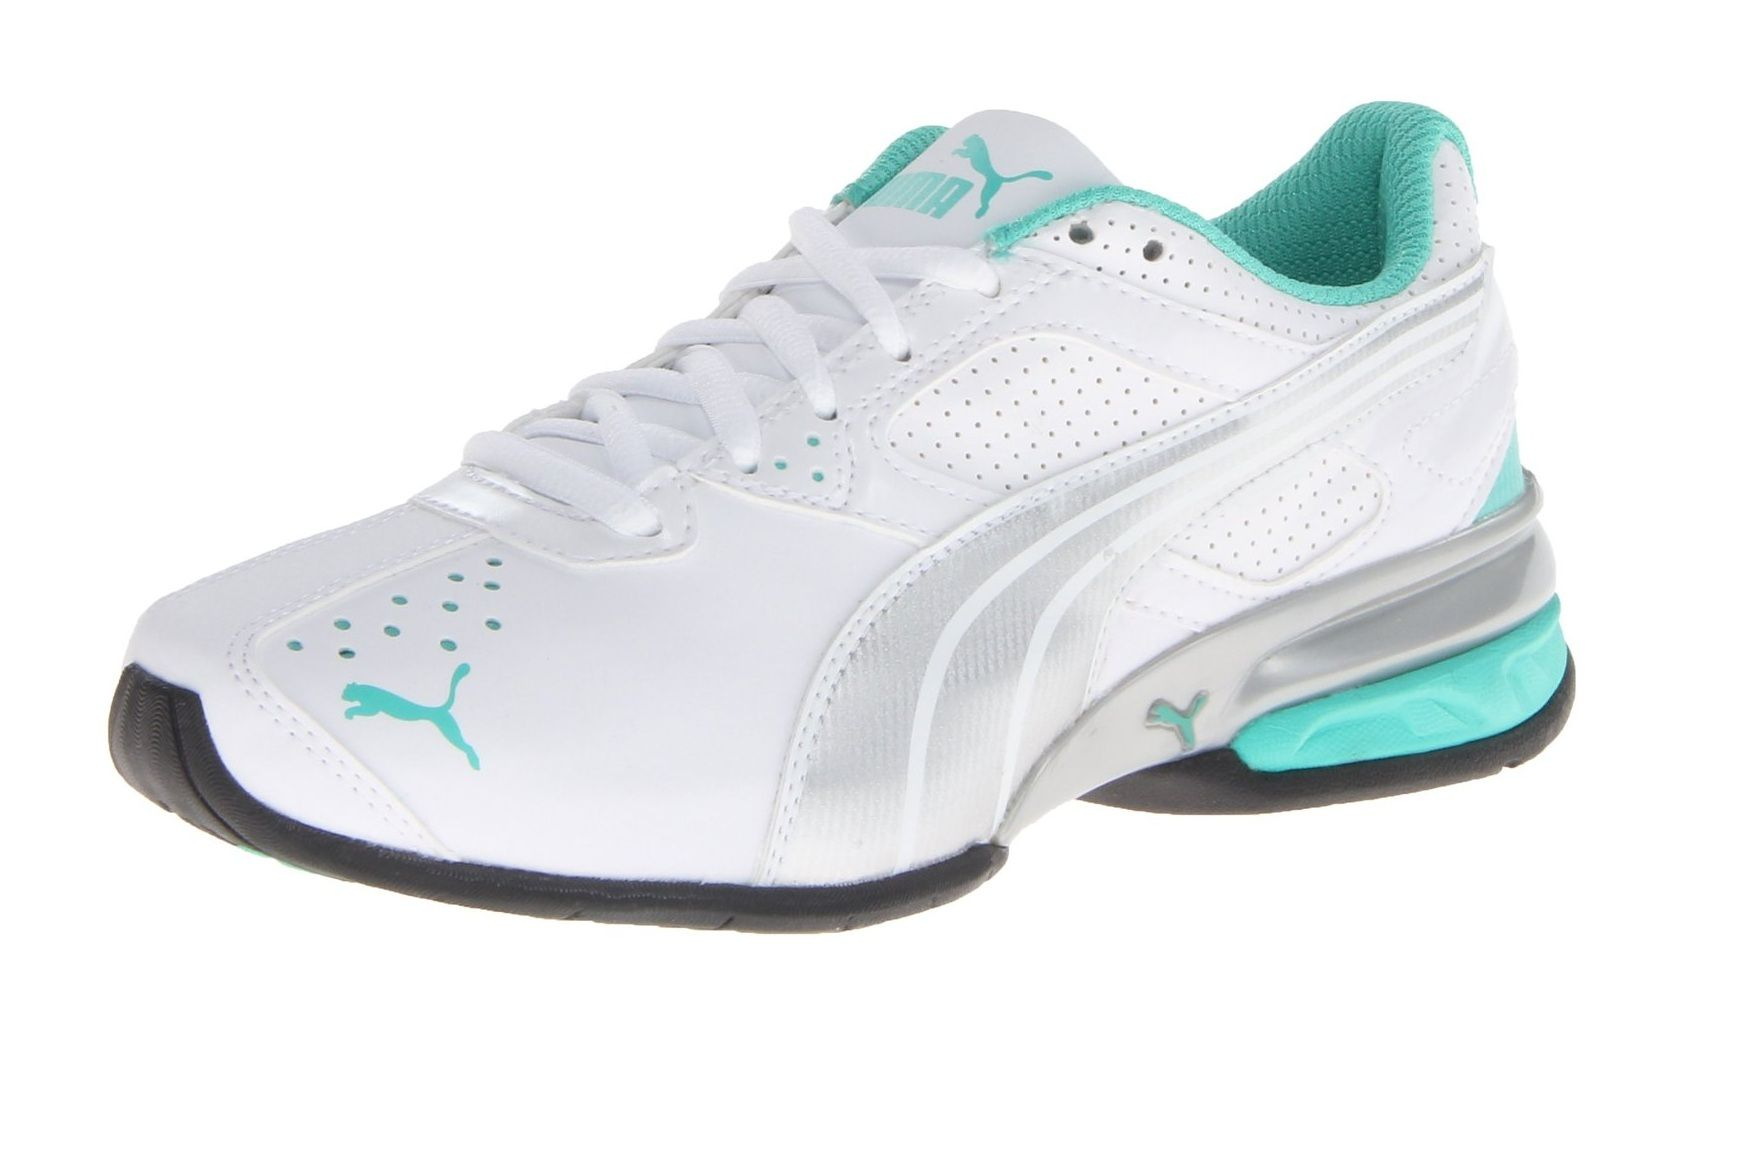 e5d640a9bc7b PUMA Women s Tazon 5 Cross-Training Shoe  WomenShoes  PumaFashion   ShoesStyle